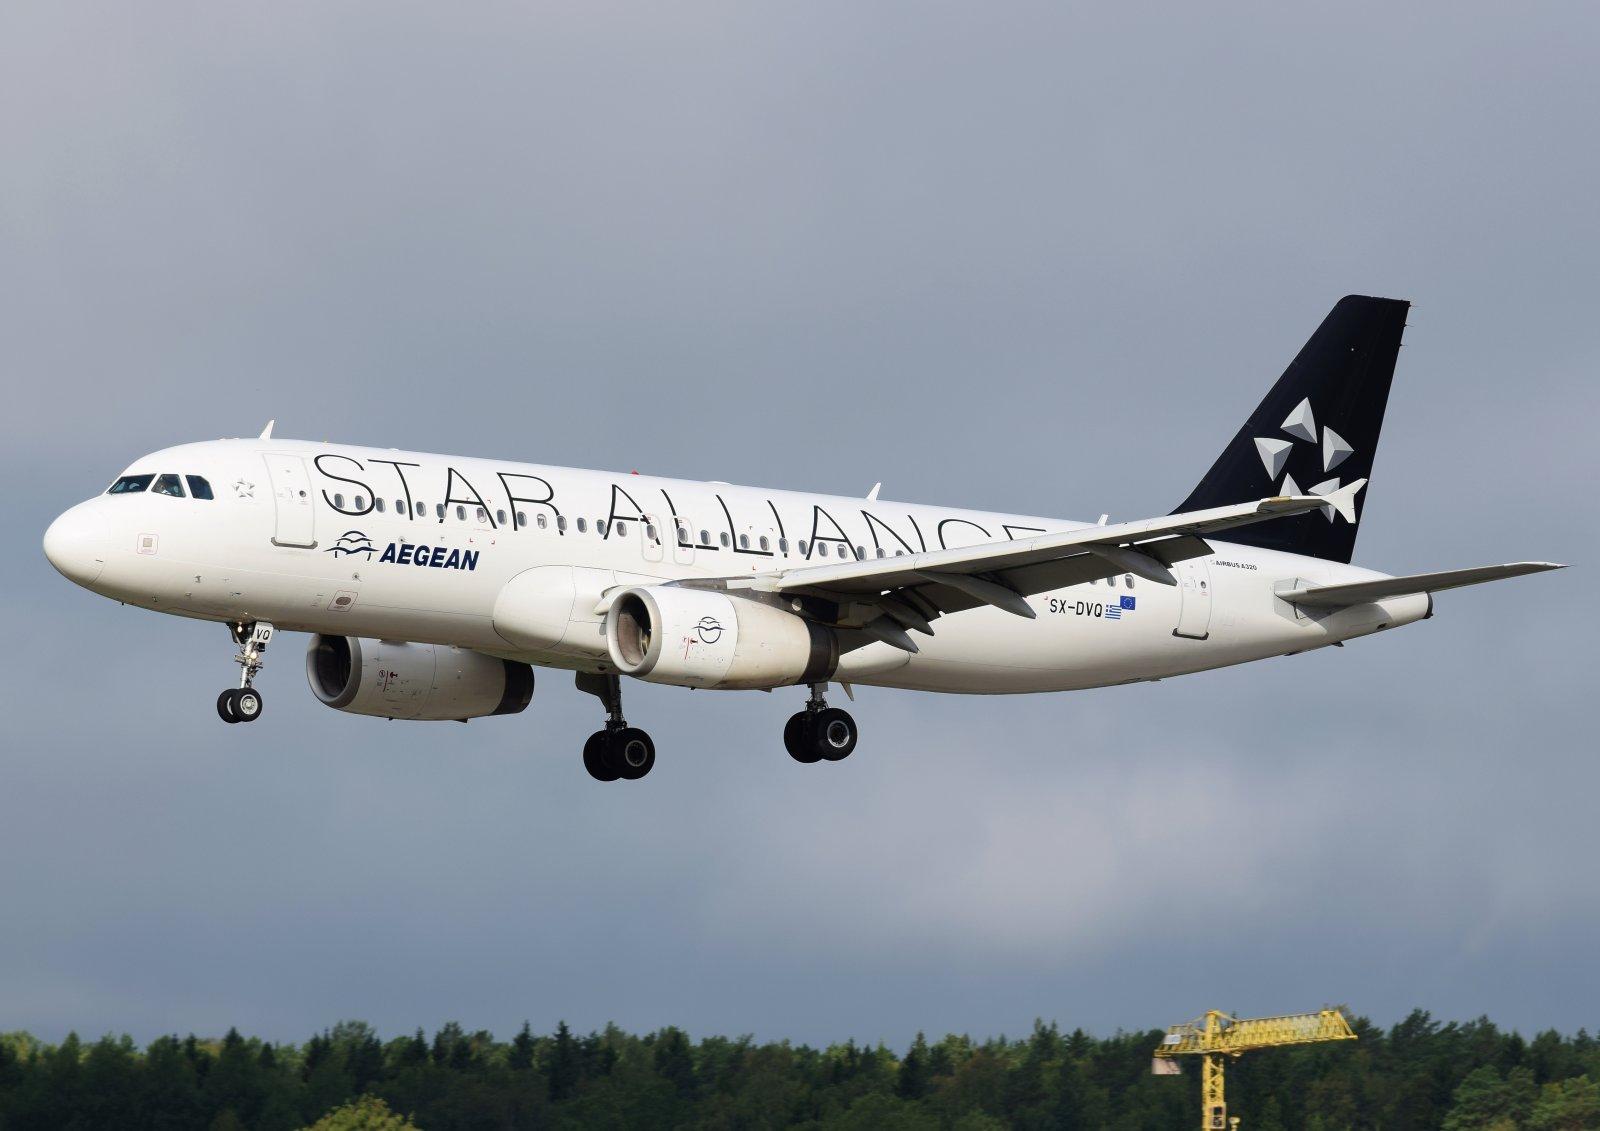 SX-DVQ - Airbus A320-232 - Aegean Airlines - 16.8.2019